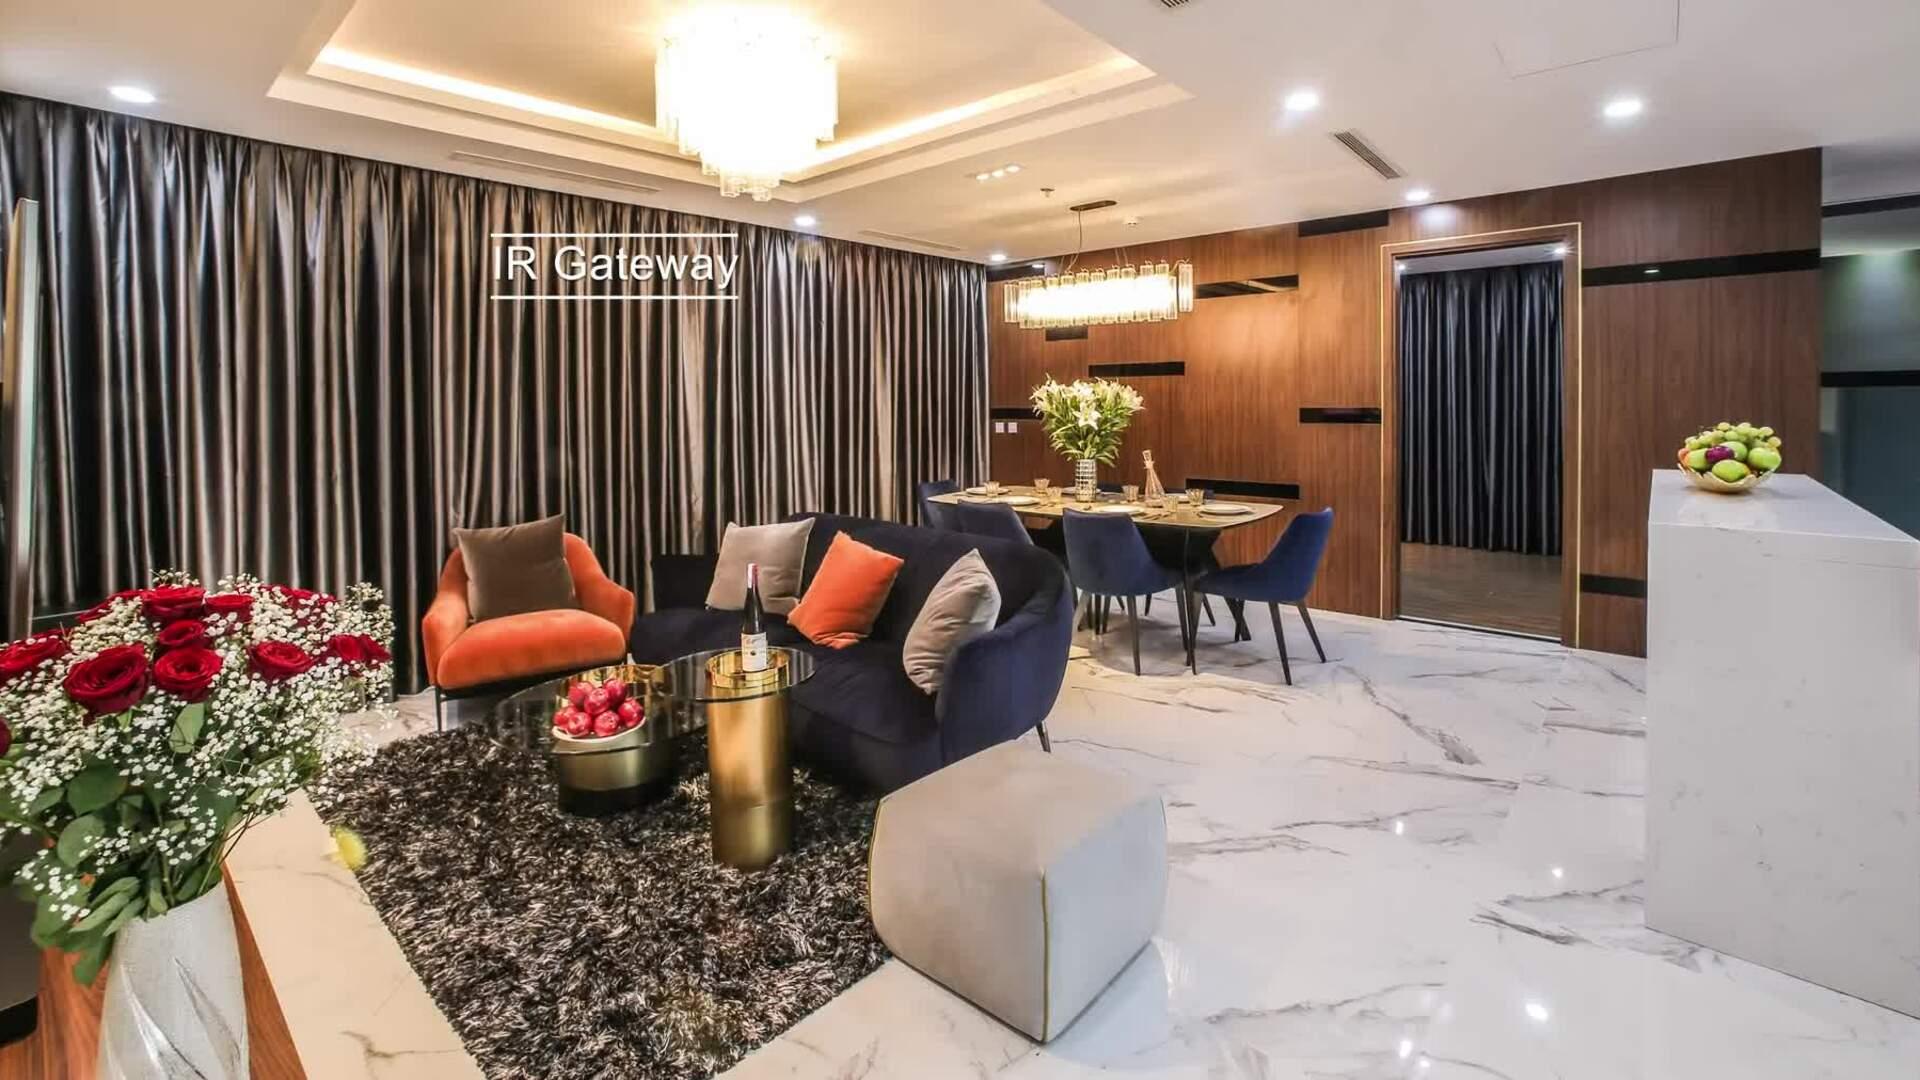 Sắp khai trương căn hộ chuẩn công nghệ 4.0 đầu tiên tại Tp. Hồ Chí Minh (xin bài edit)